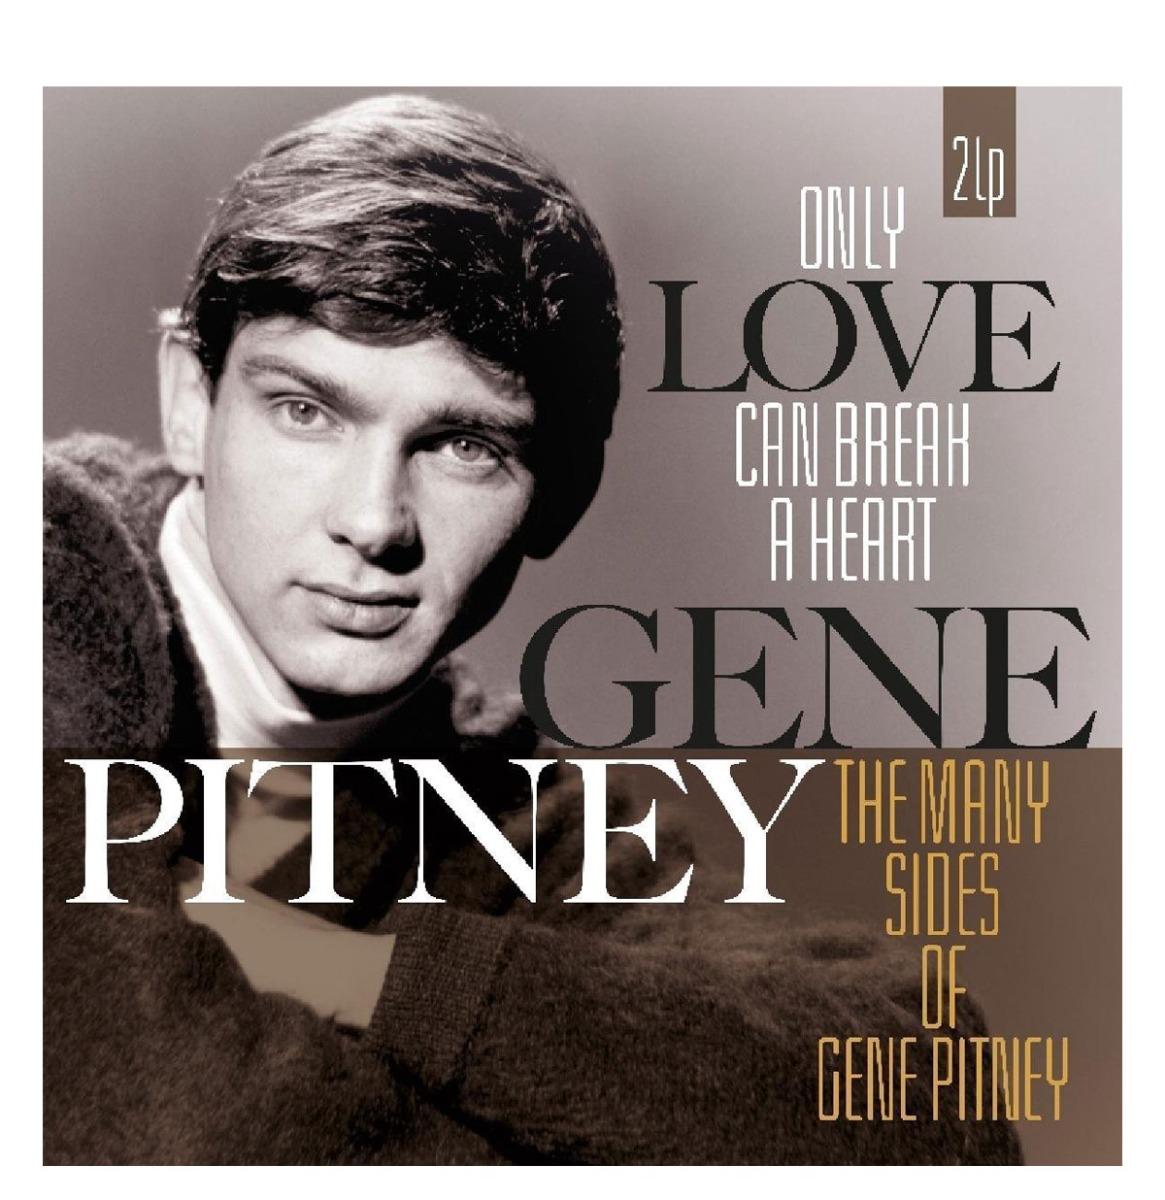 Pitney Gene - Only Love Can Break A Heart 2LP